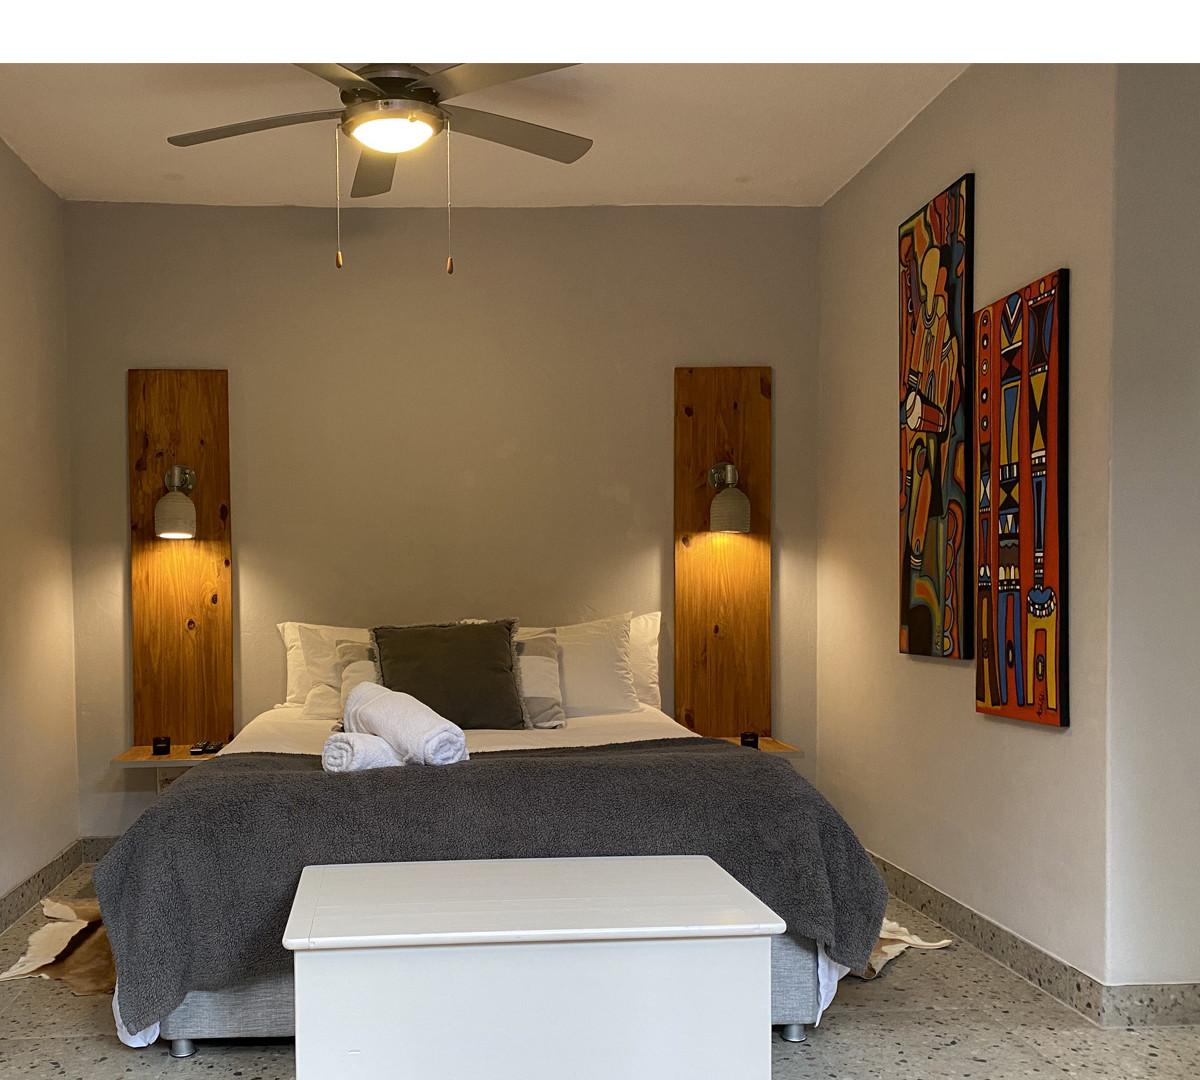 khanyakude-ekhaya-bedroom.jpg